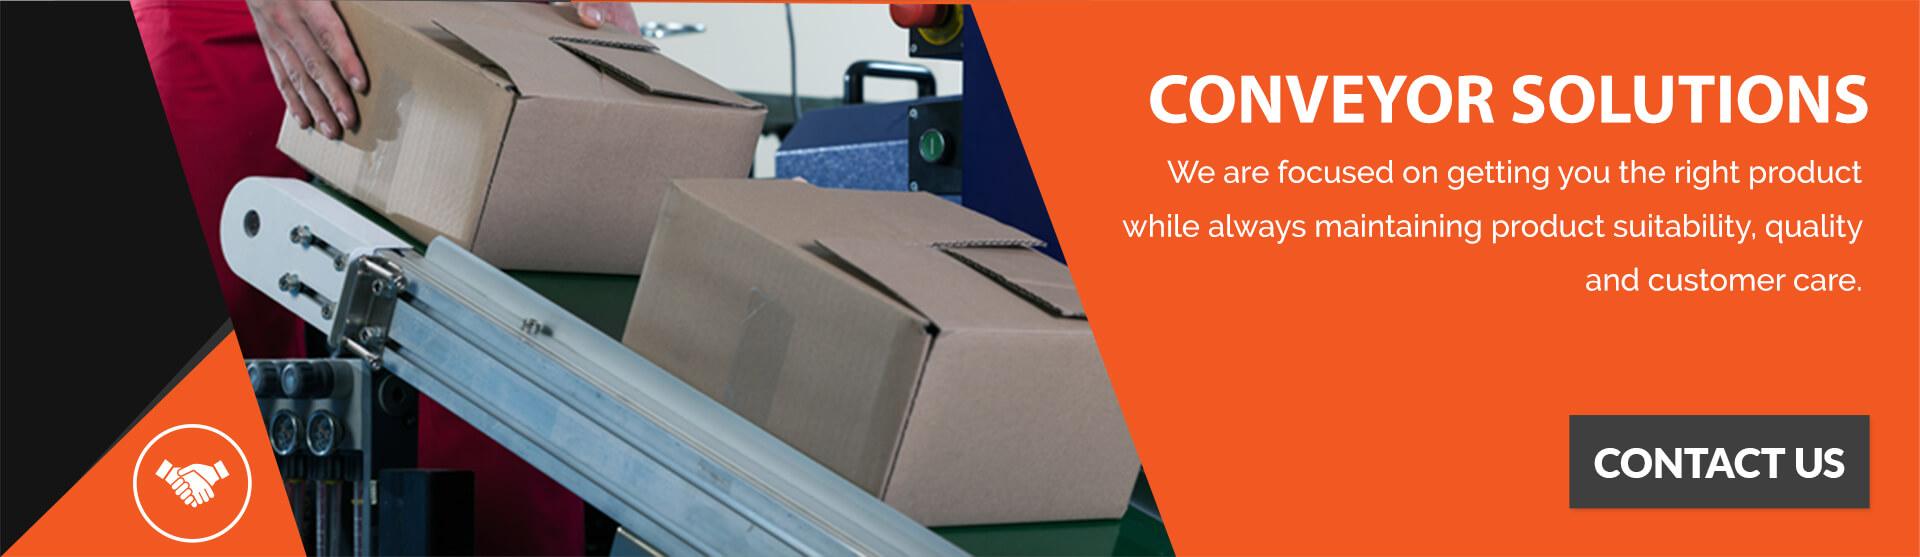 Contact AS Conveyor Systems